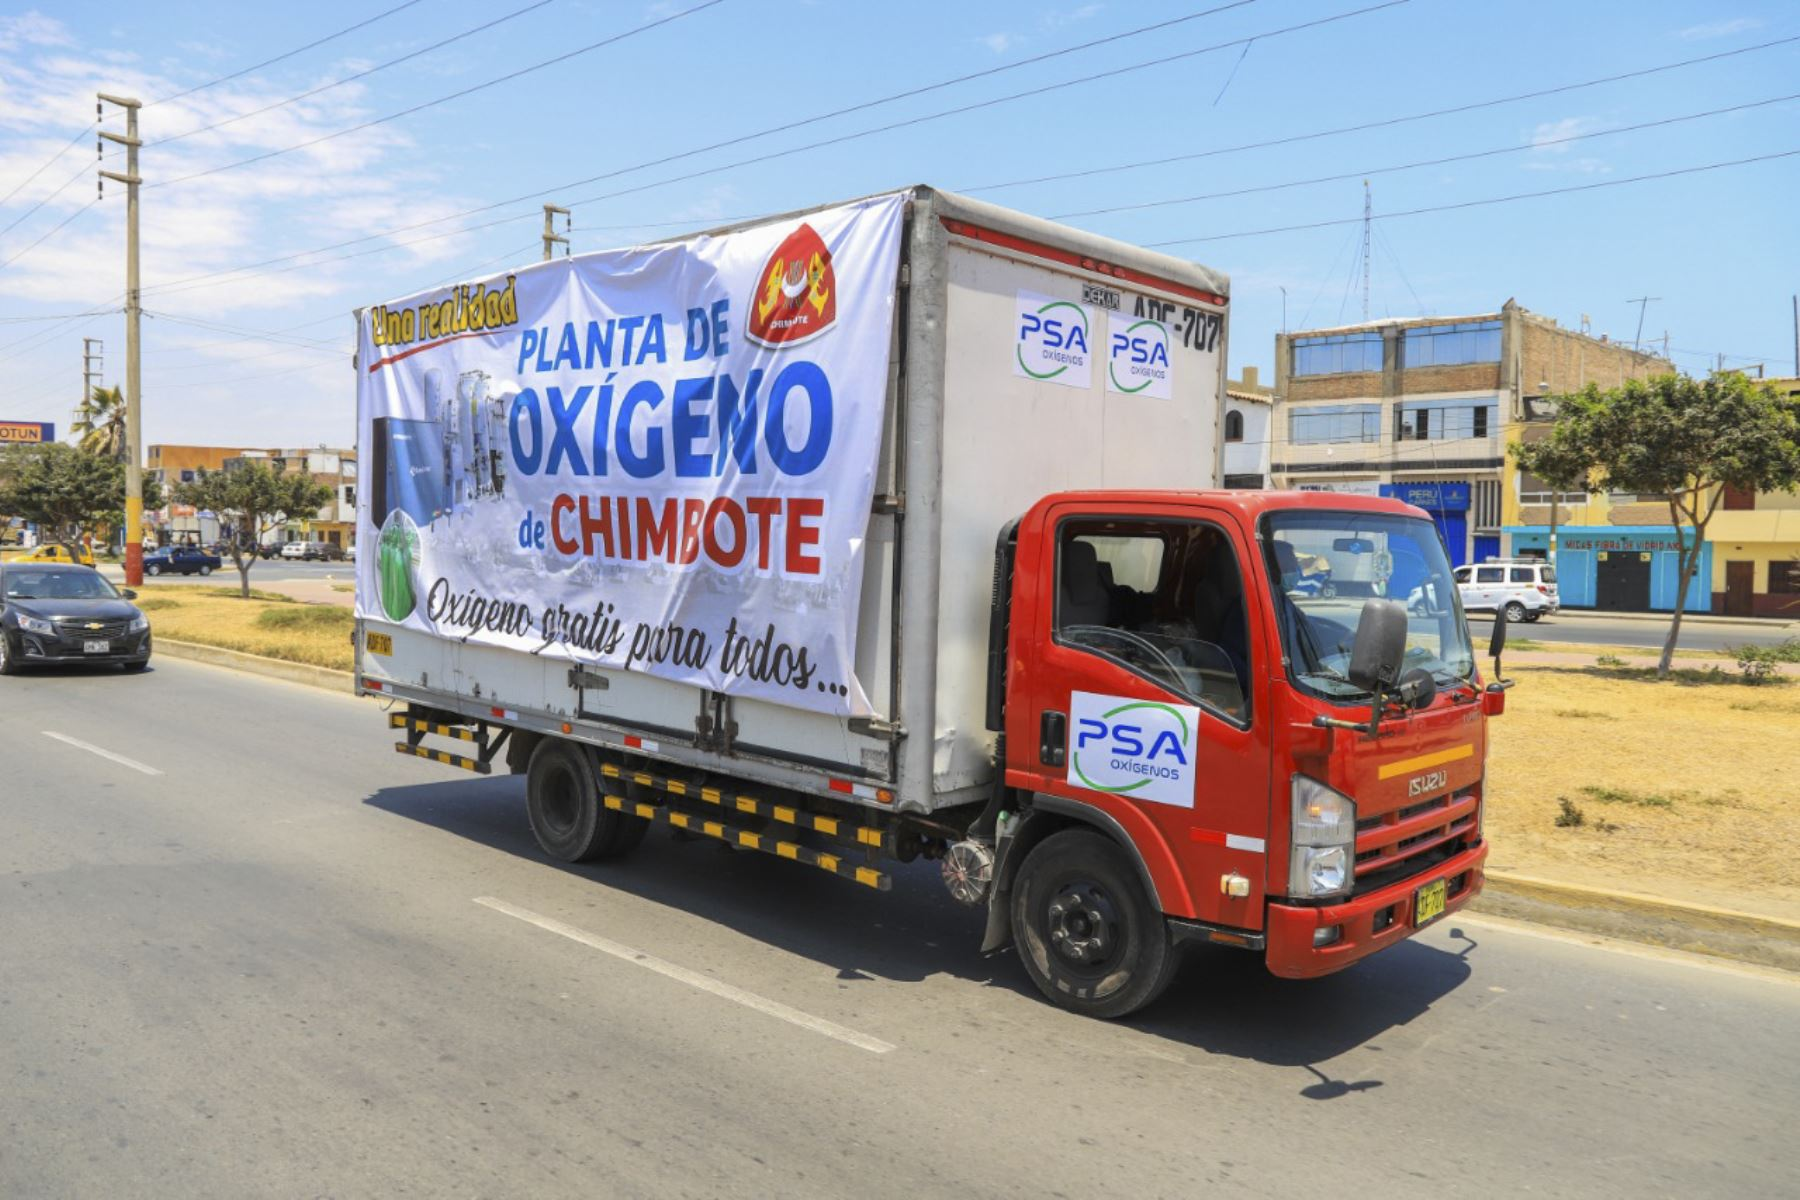 ¡Buena noticia! Chimbote ya cuenta con su propia planta de oxígeno medicinal [video] | Noticias